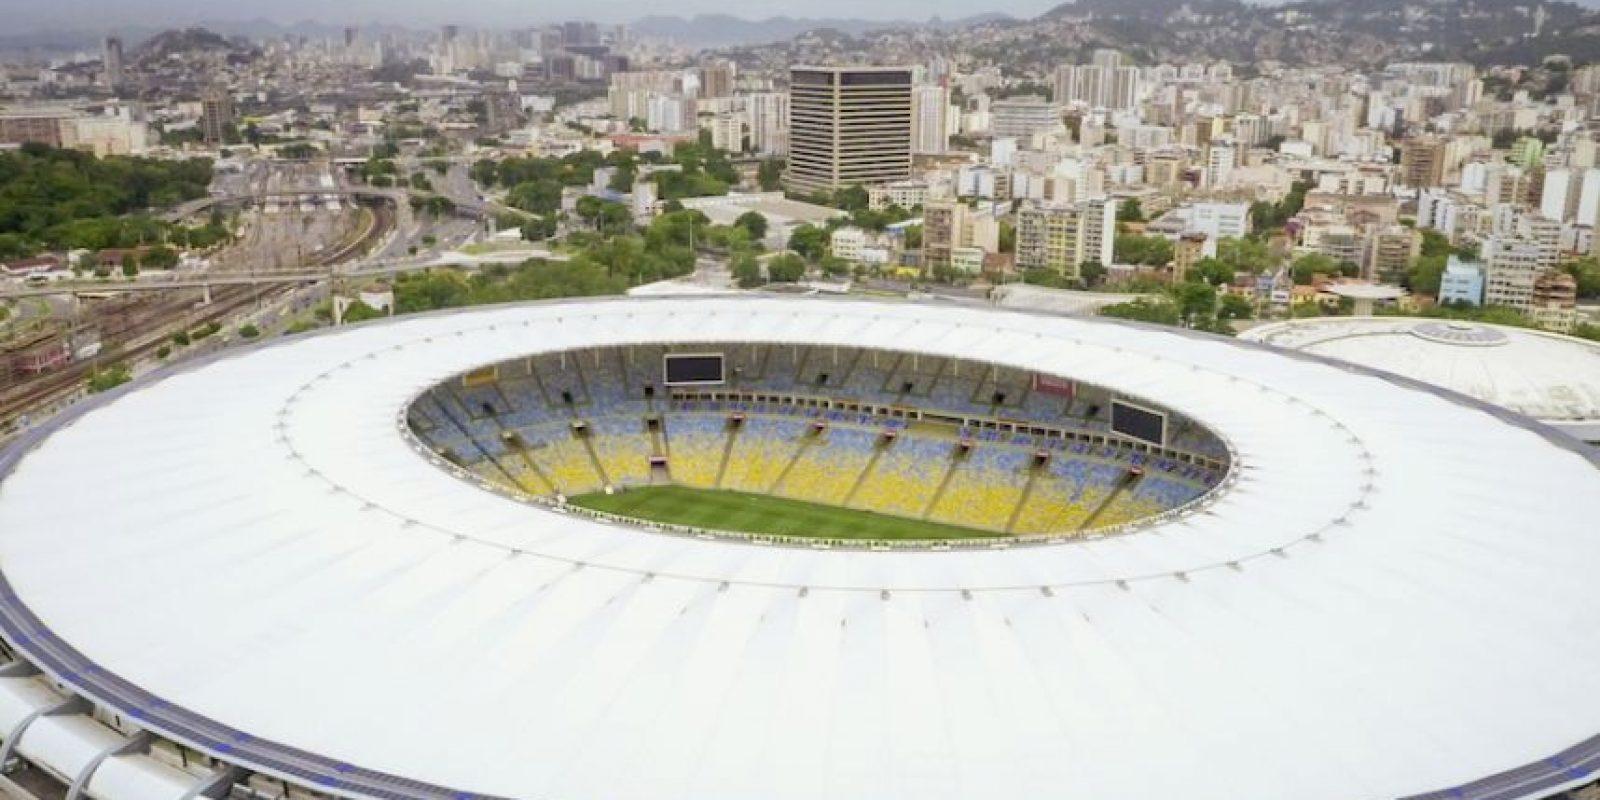 El Estadio Maracaná se ubica en Río de Janeiro, Brasil. Foto:Airbnb